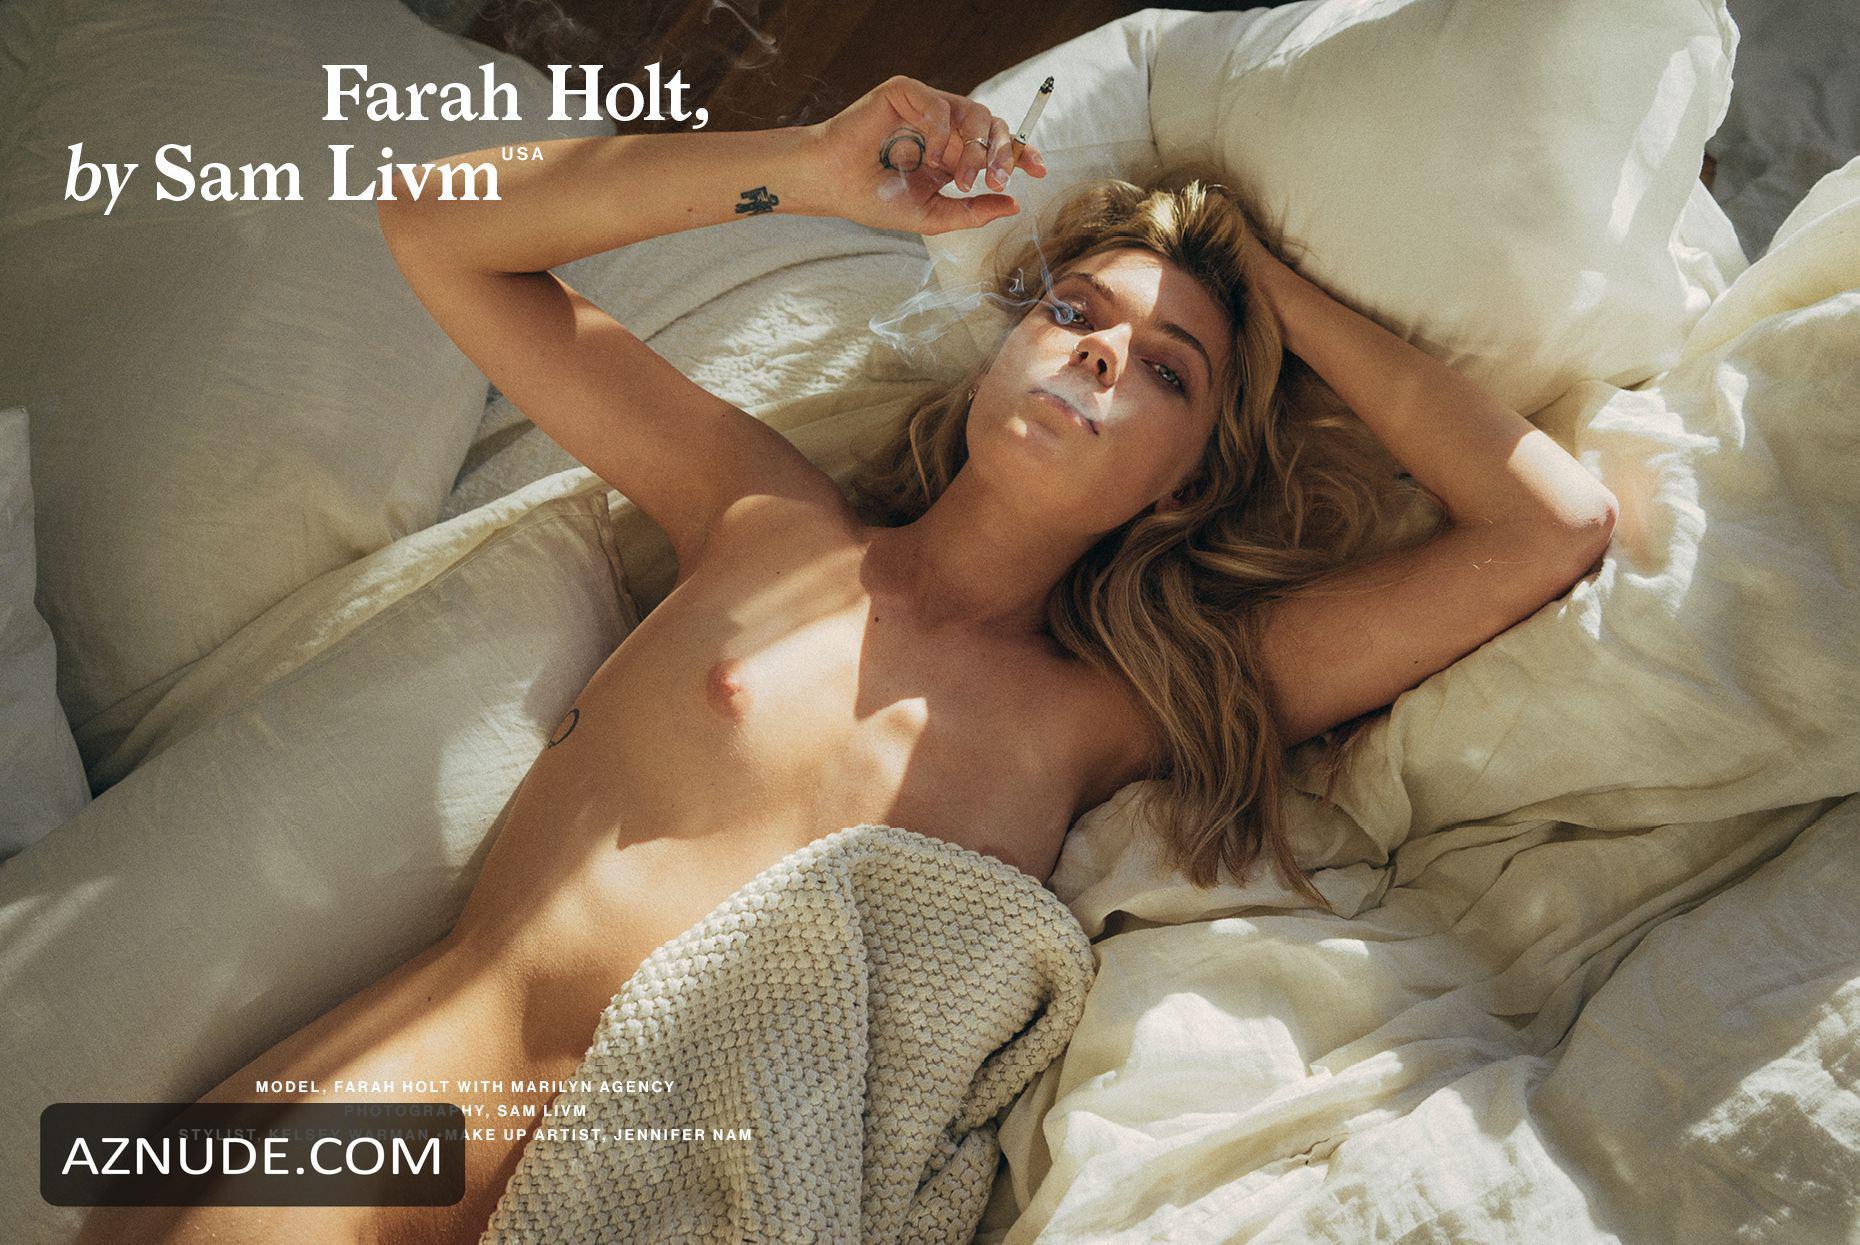 Monica bellucci celebrity nudes